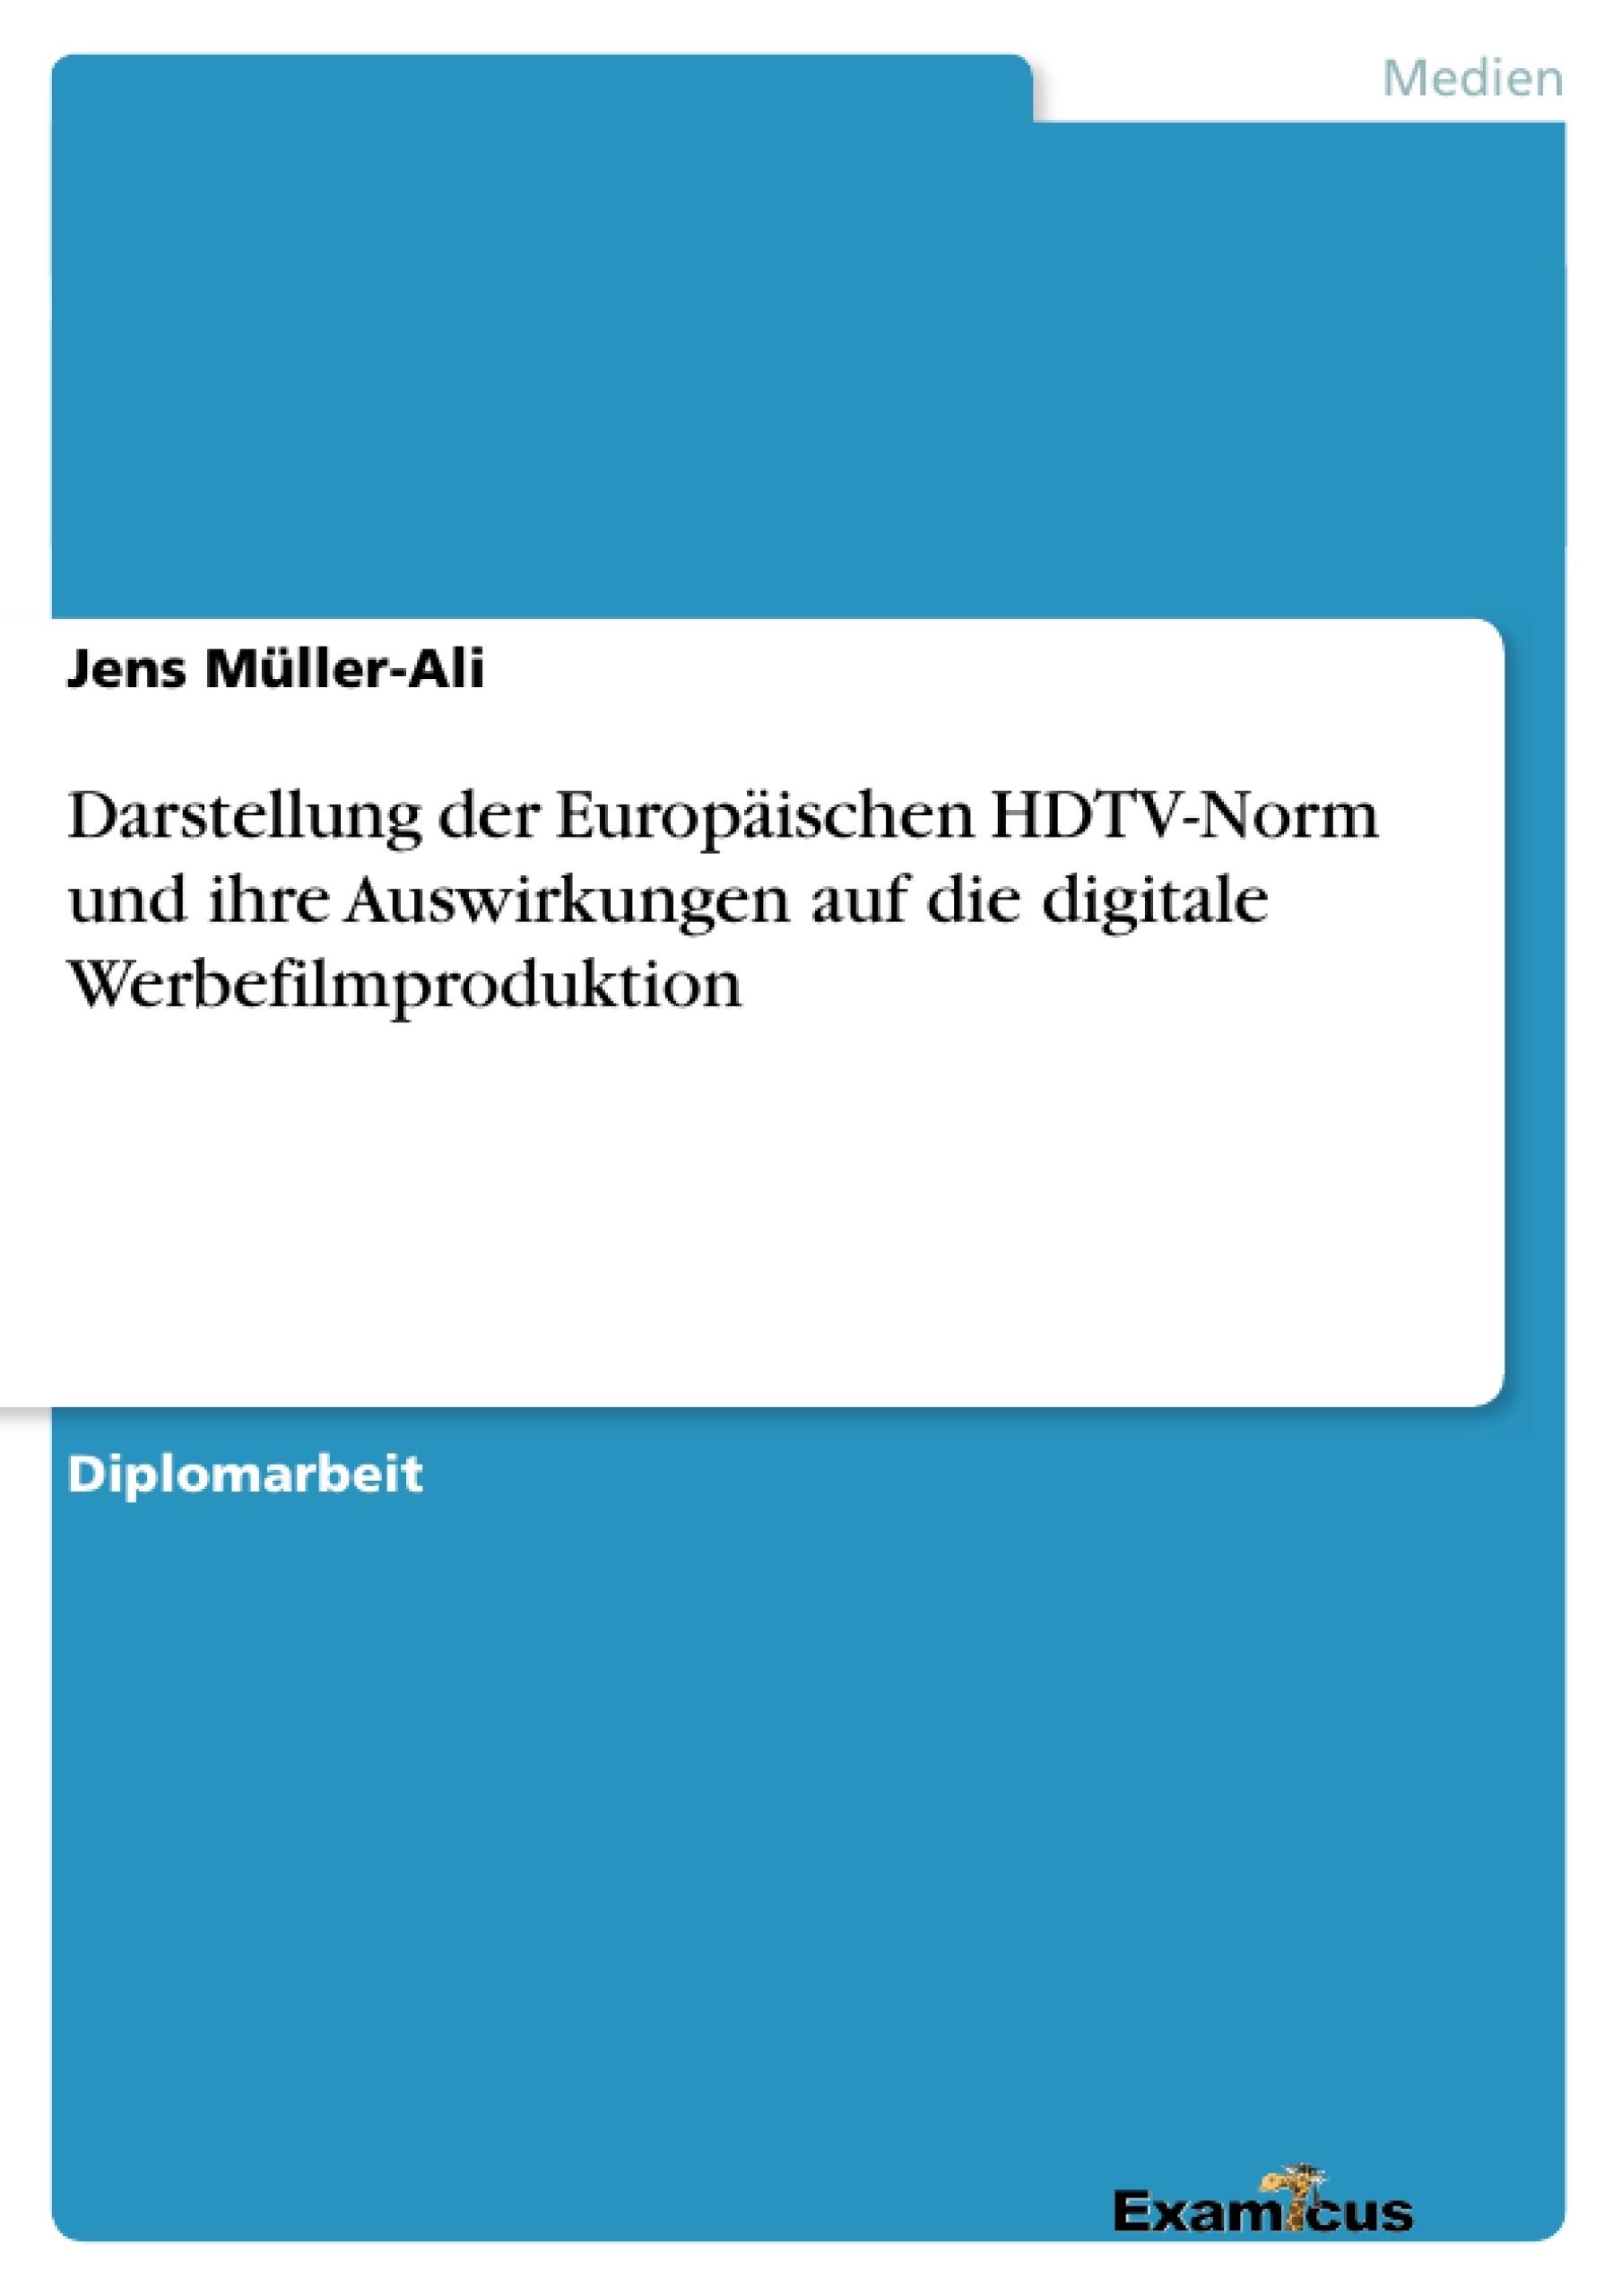 Titel: Darstellung der Europäischen HDTV-Norm und ihre Auswirkungen auf die digitale Werbefilmproduktion